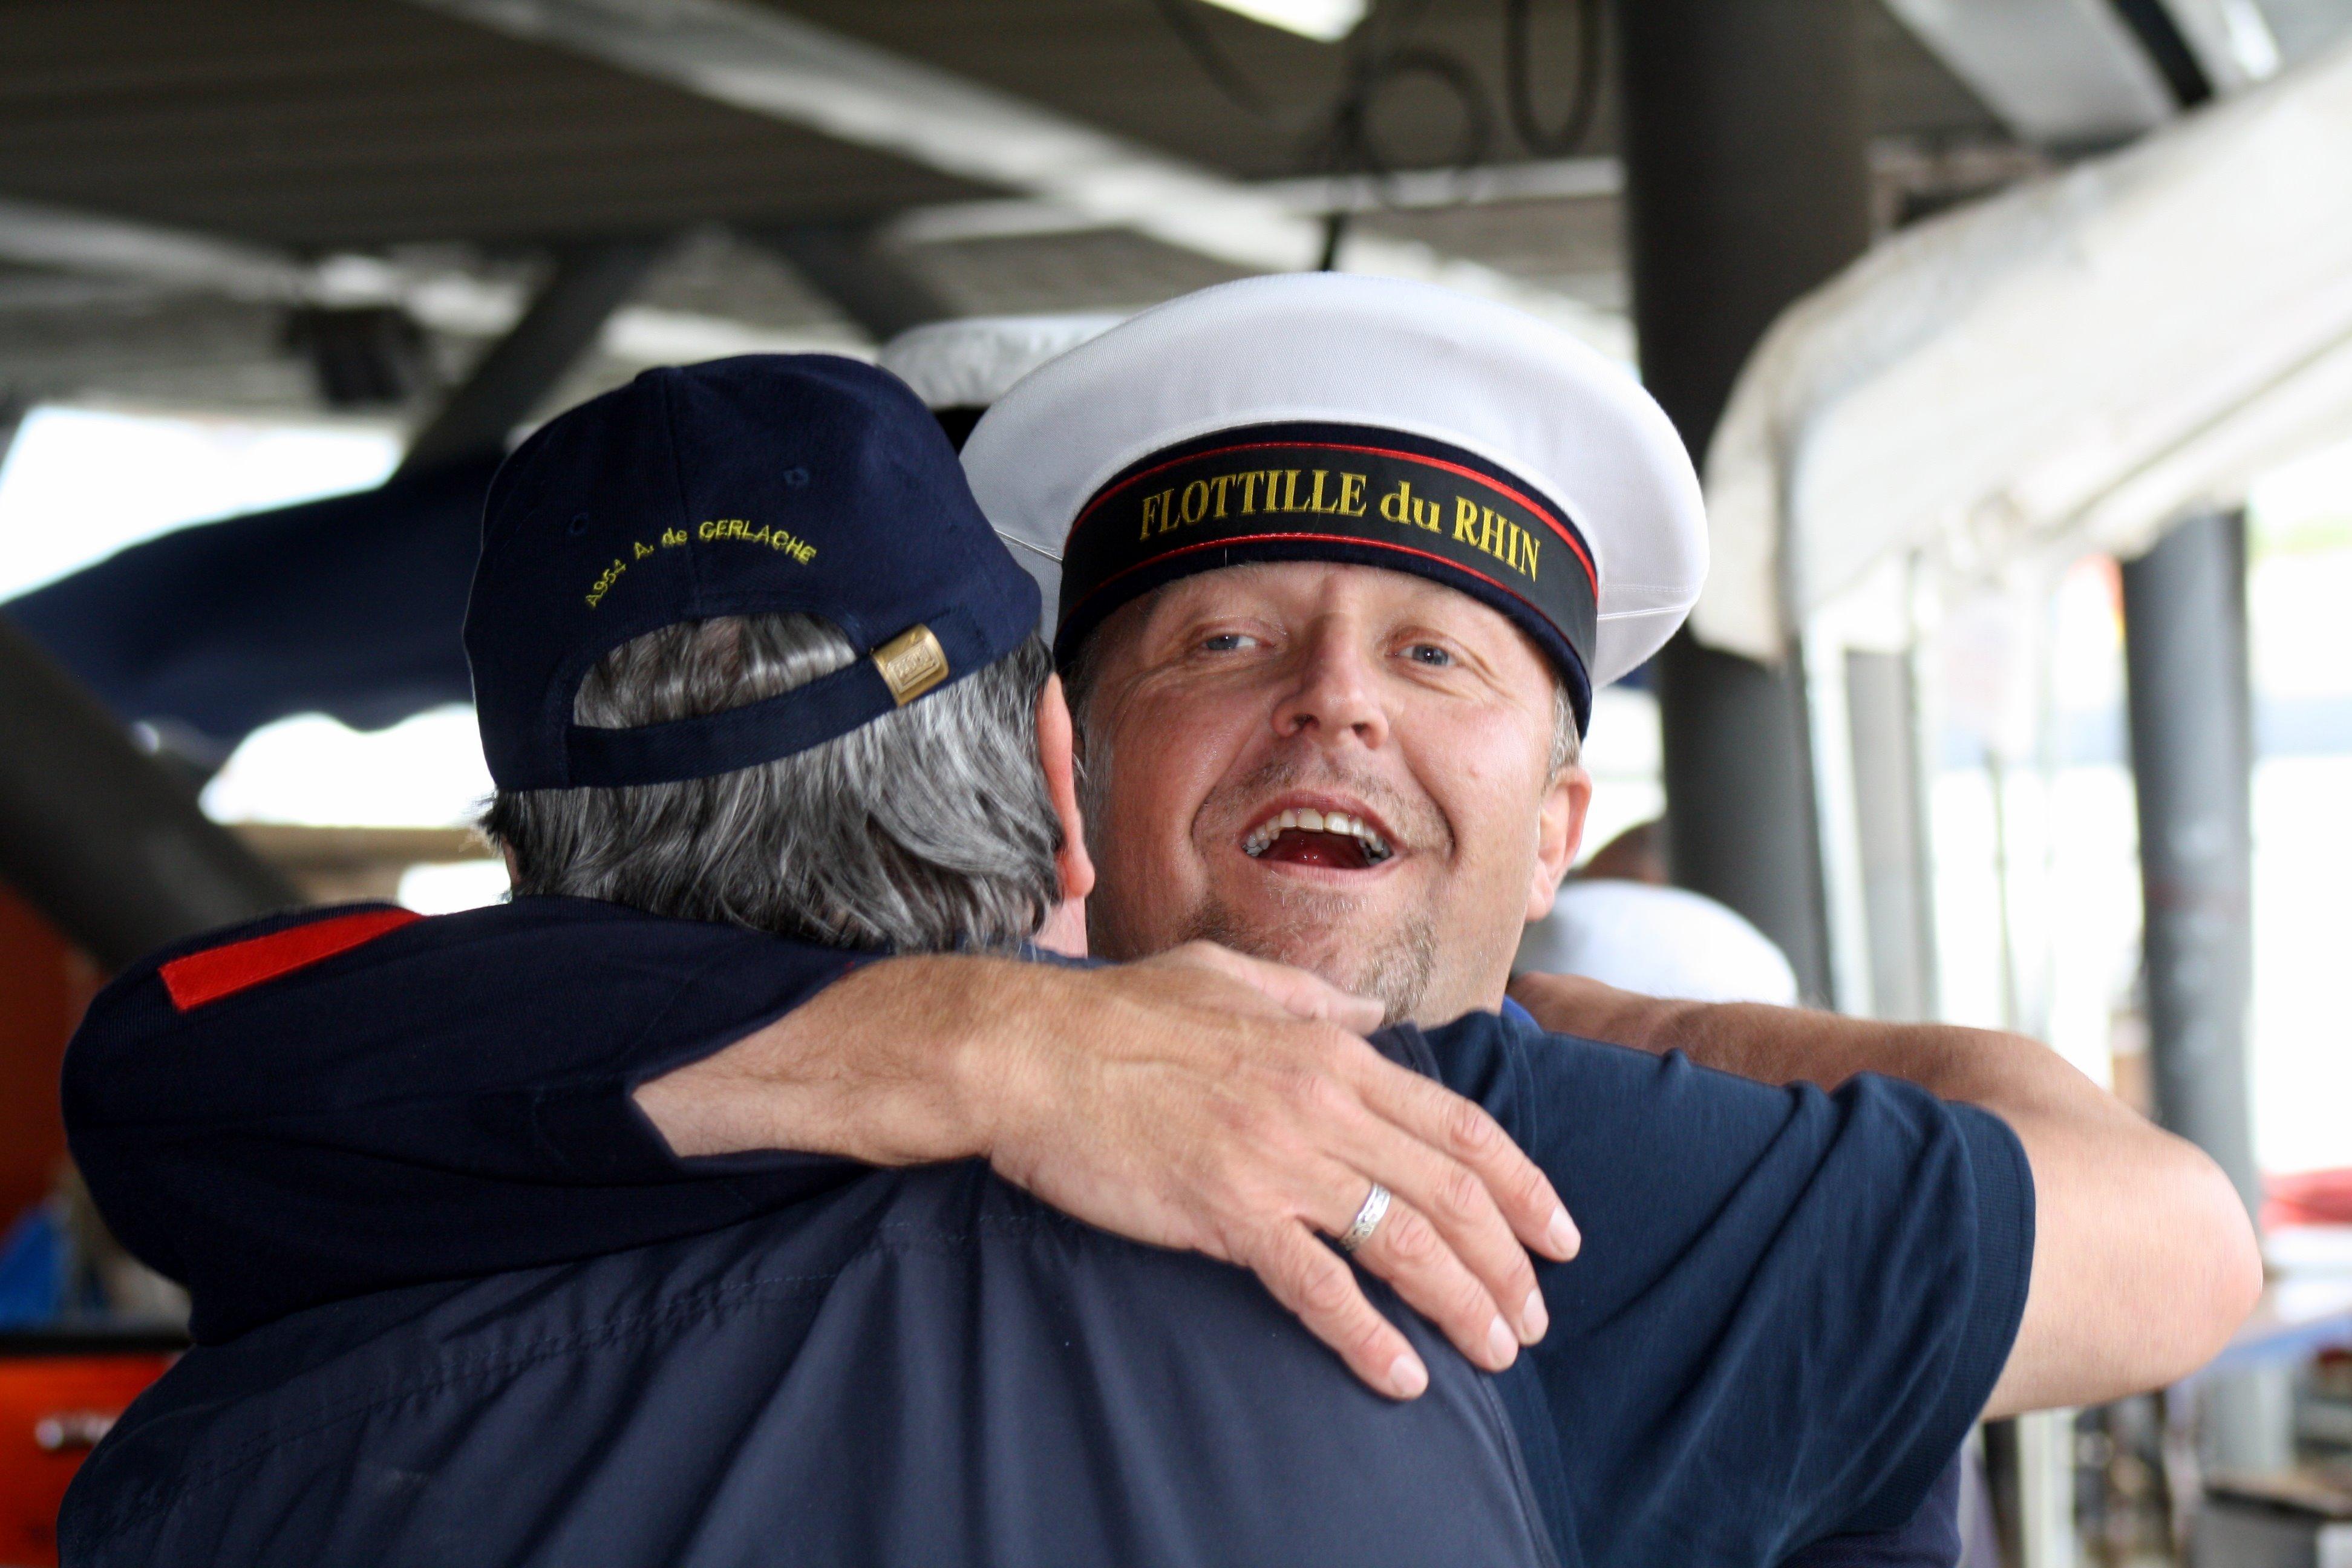 Fastes des Cadets de Marine à Bruxelles le 18/06/2011 - Page 18 1106210930261095838357704